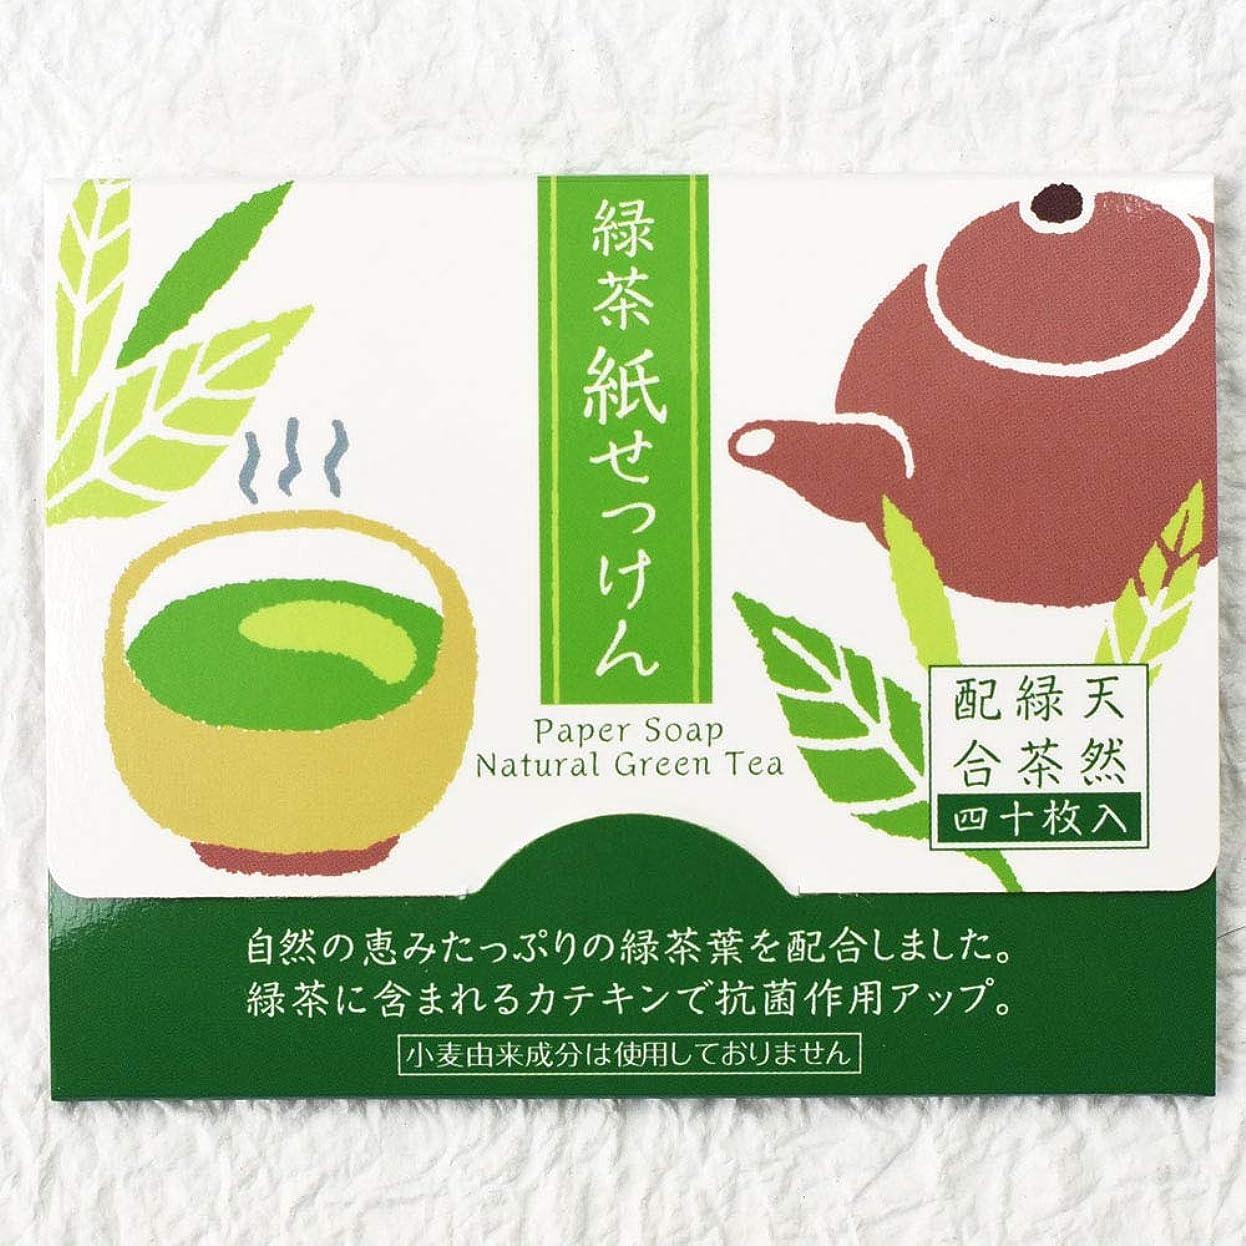 くそー毒ようこそ表現社 紙せっけん 天然緑茶配合 22-289